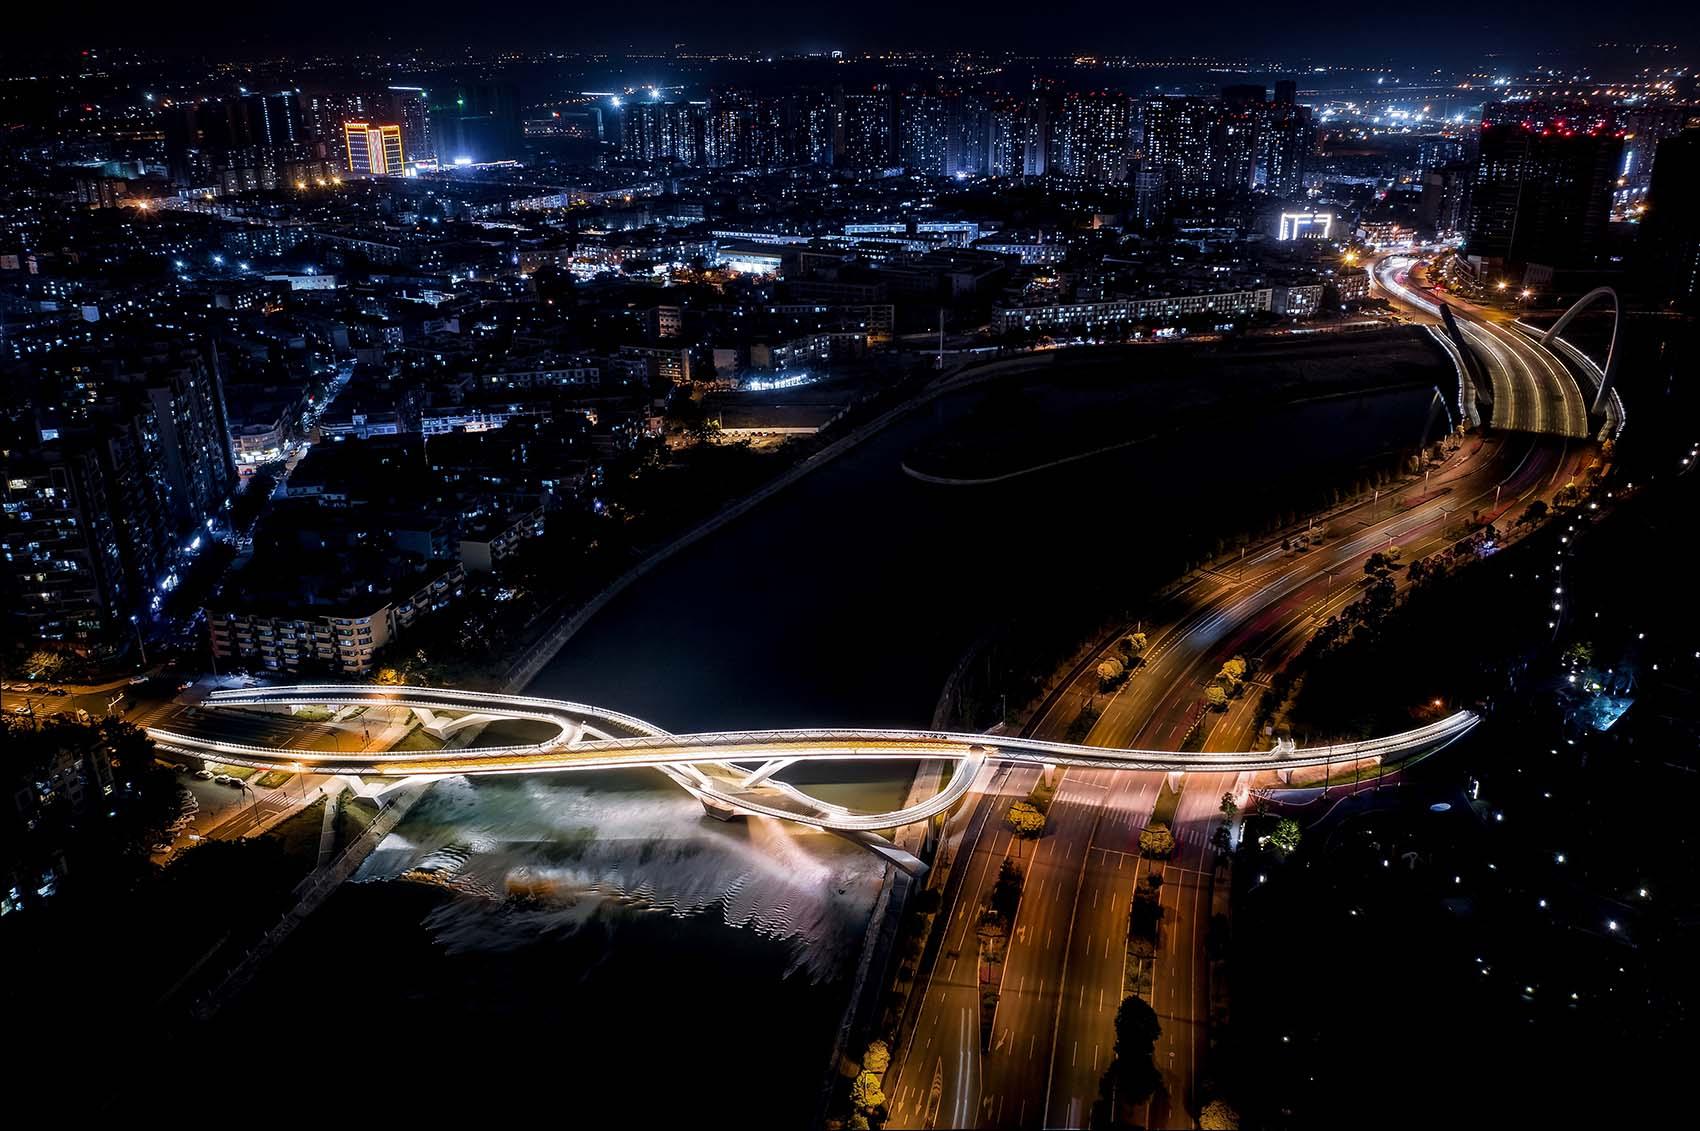 五岔子大橋 Wuchazi Bridge night bird view